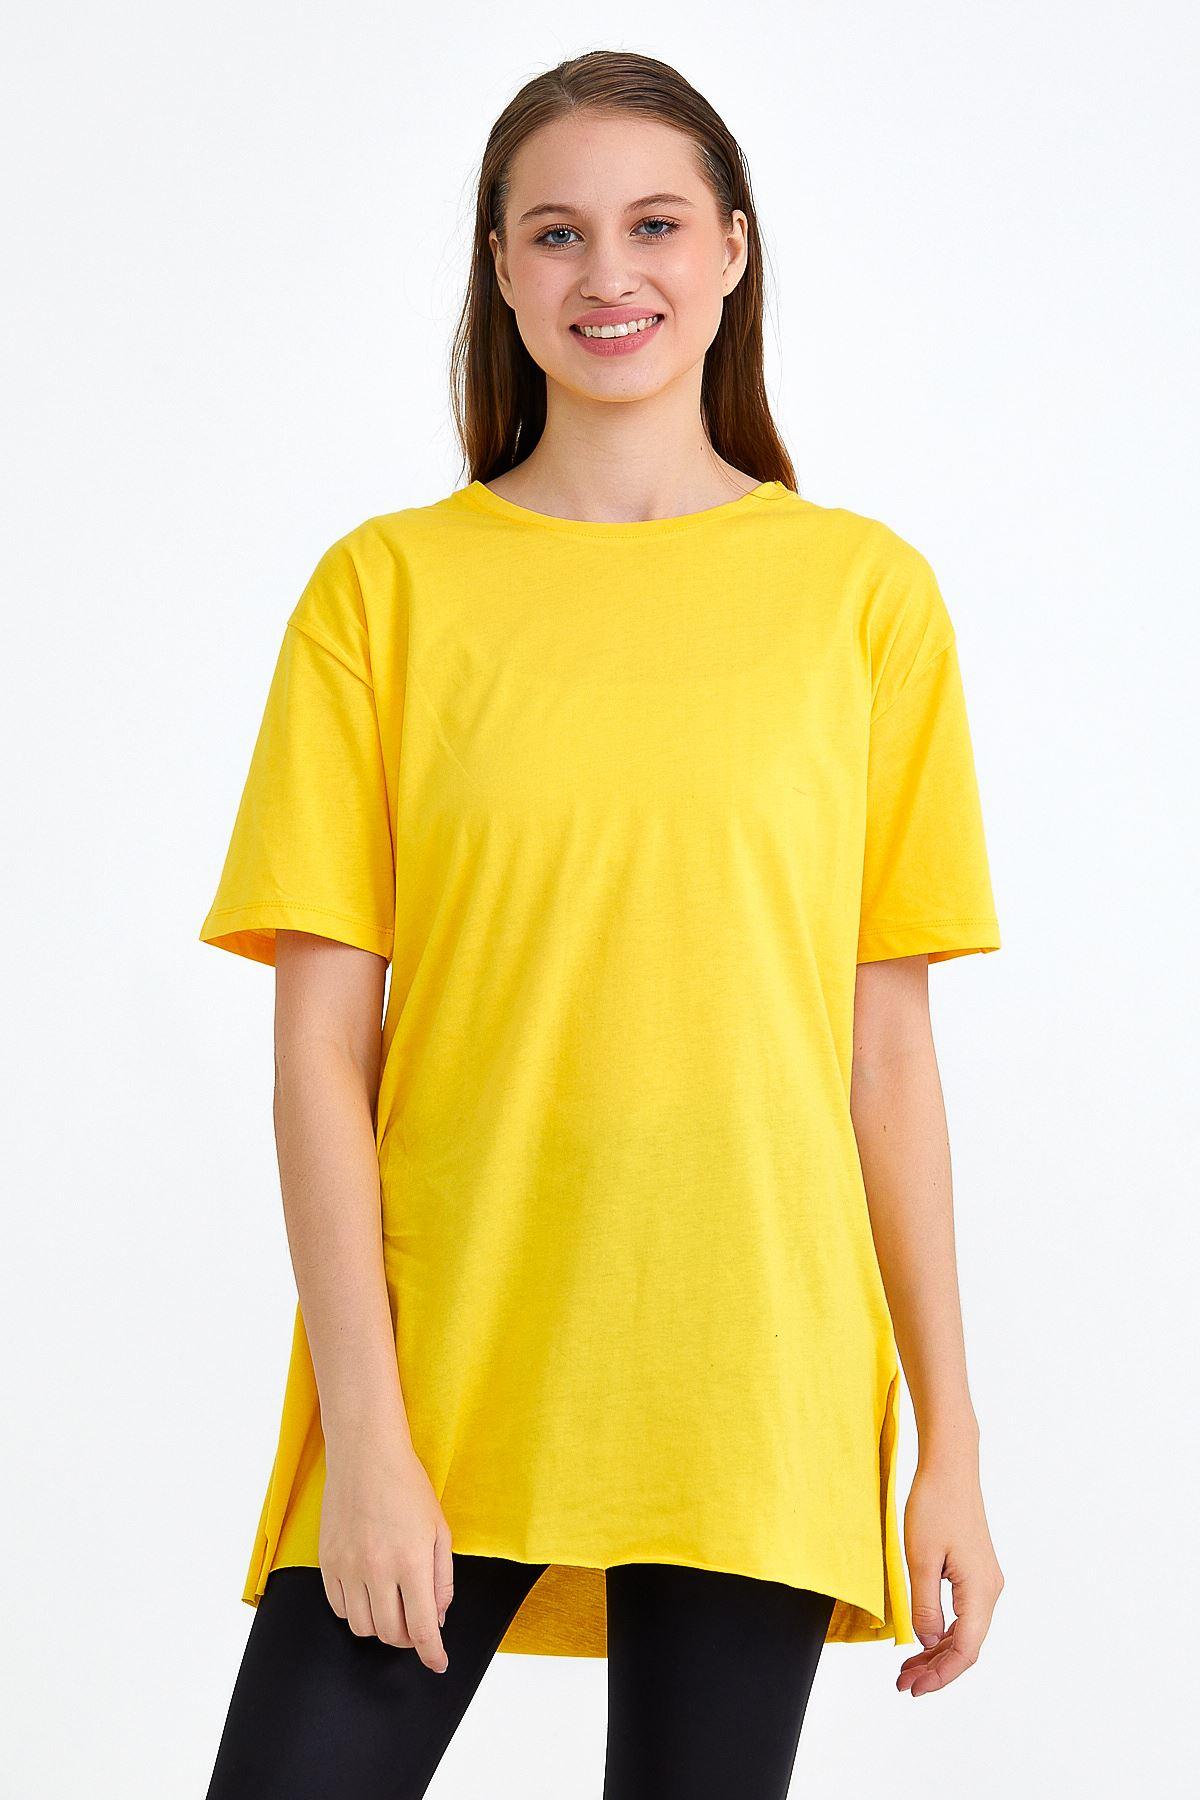 Kadın Bisiklet Yaka Yan Yırtmaçlı Sarı T-shırt